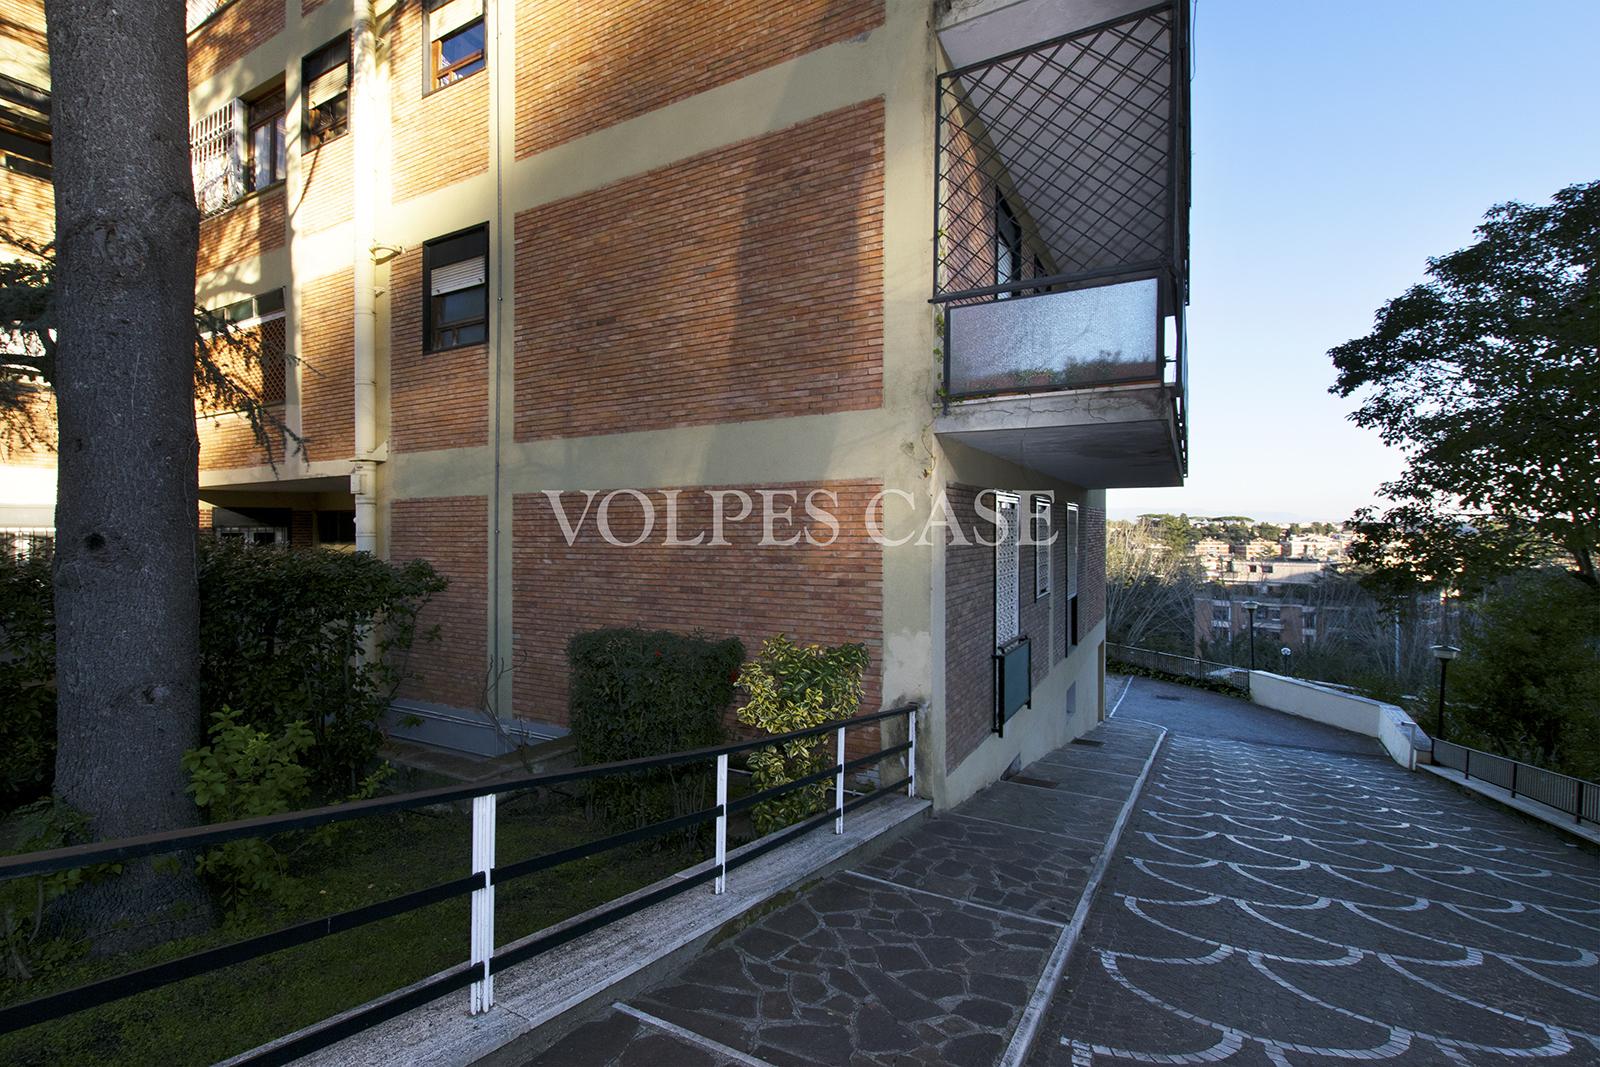 Appartamento in affitto a roma cod v81 2961 for Affitto studio ad ore roma